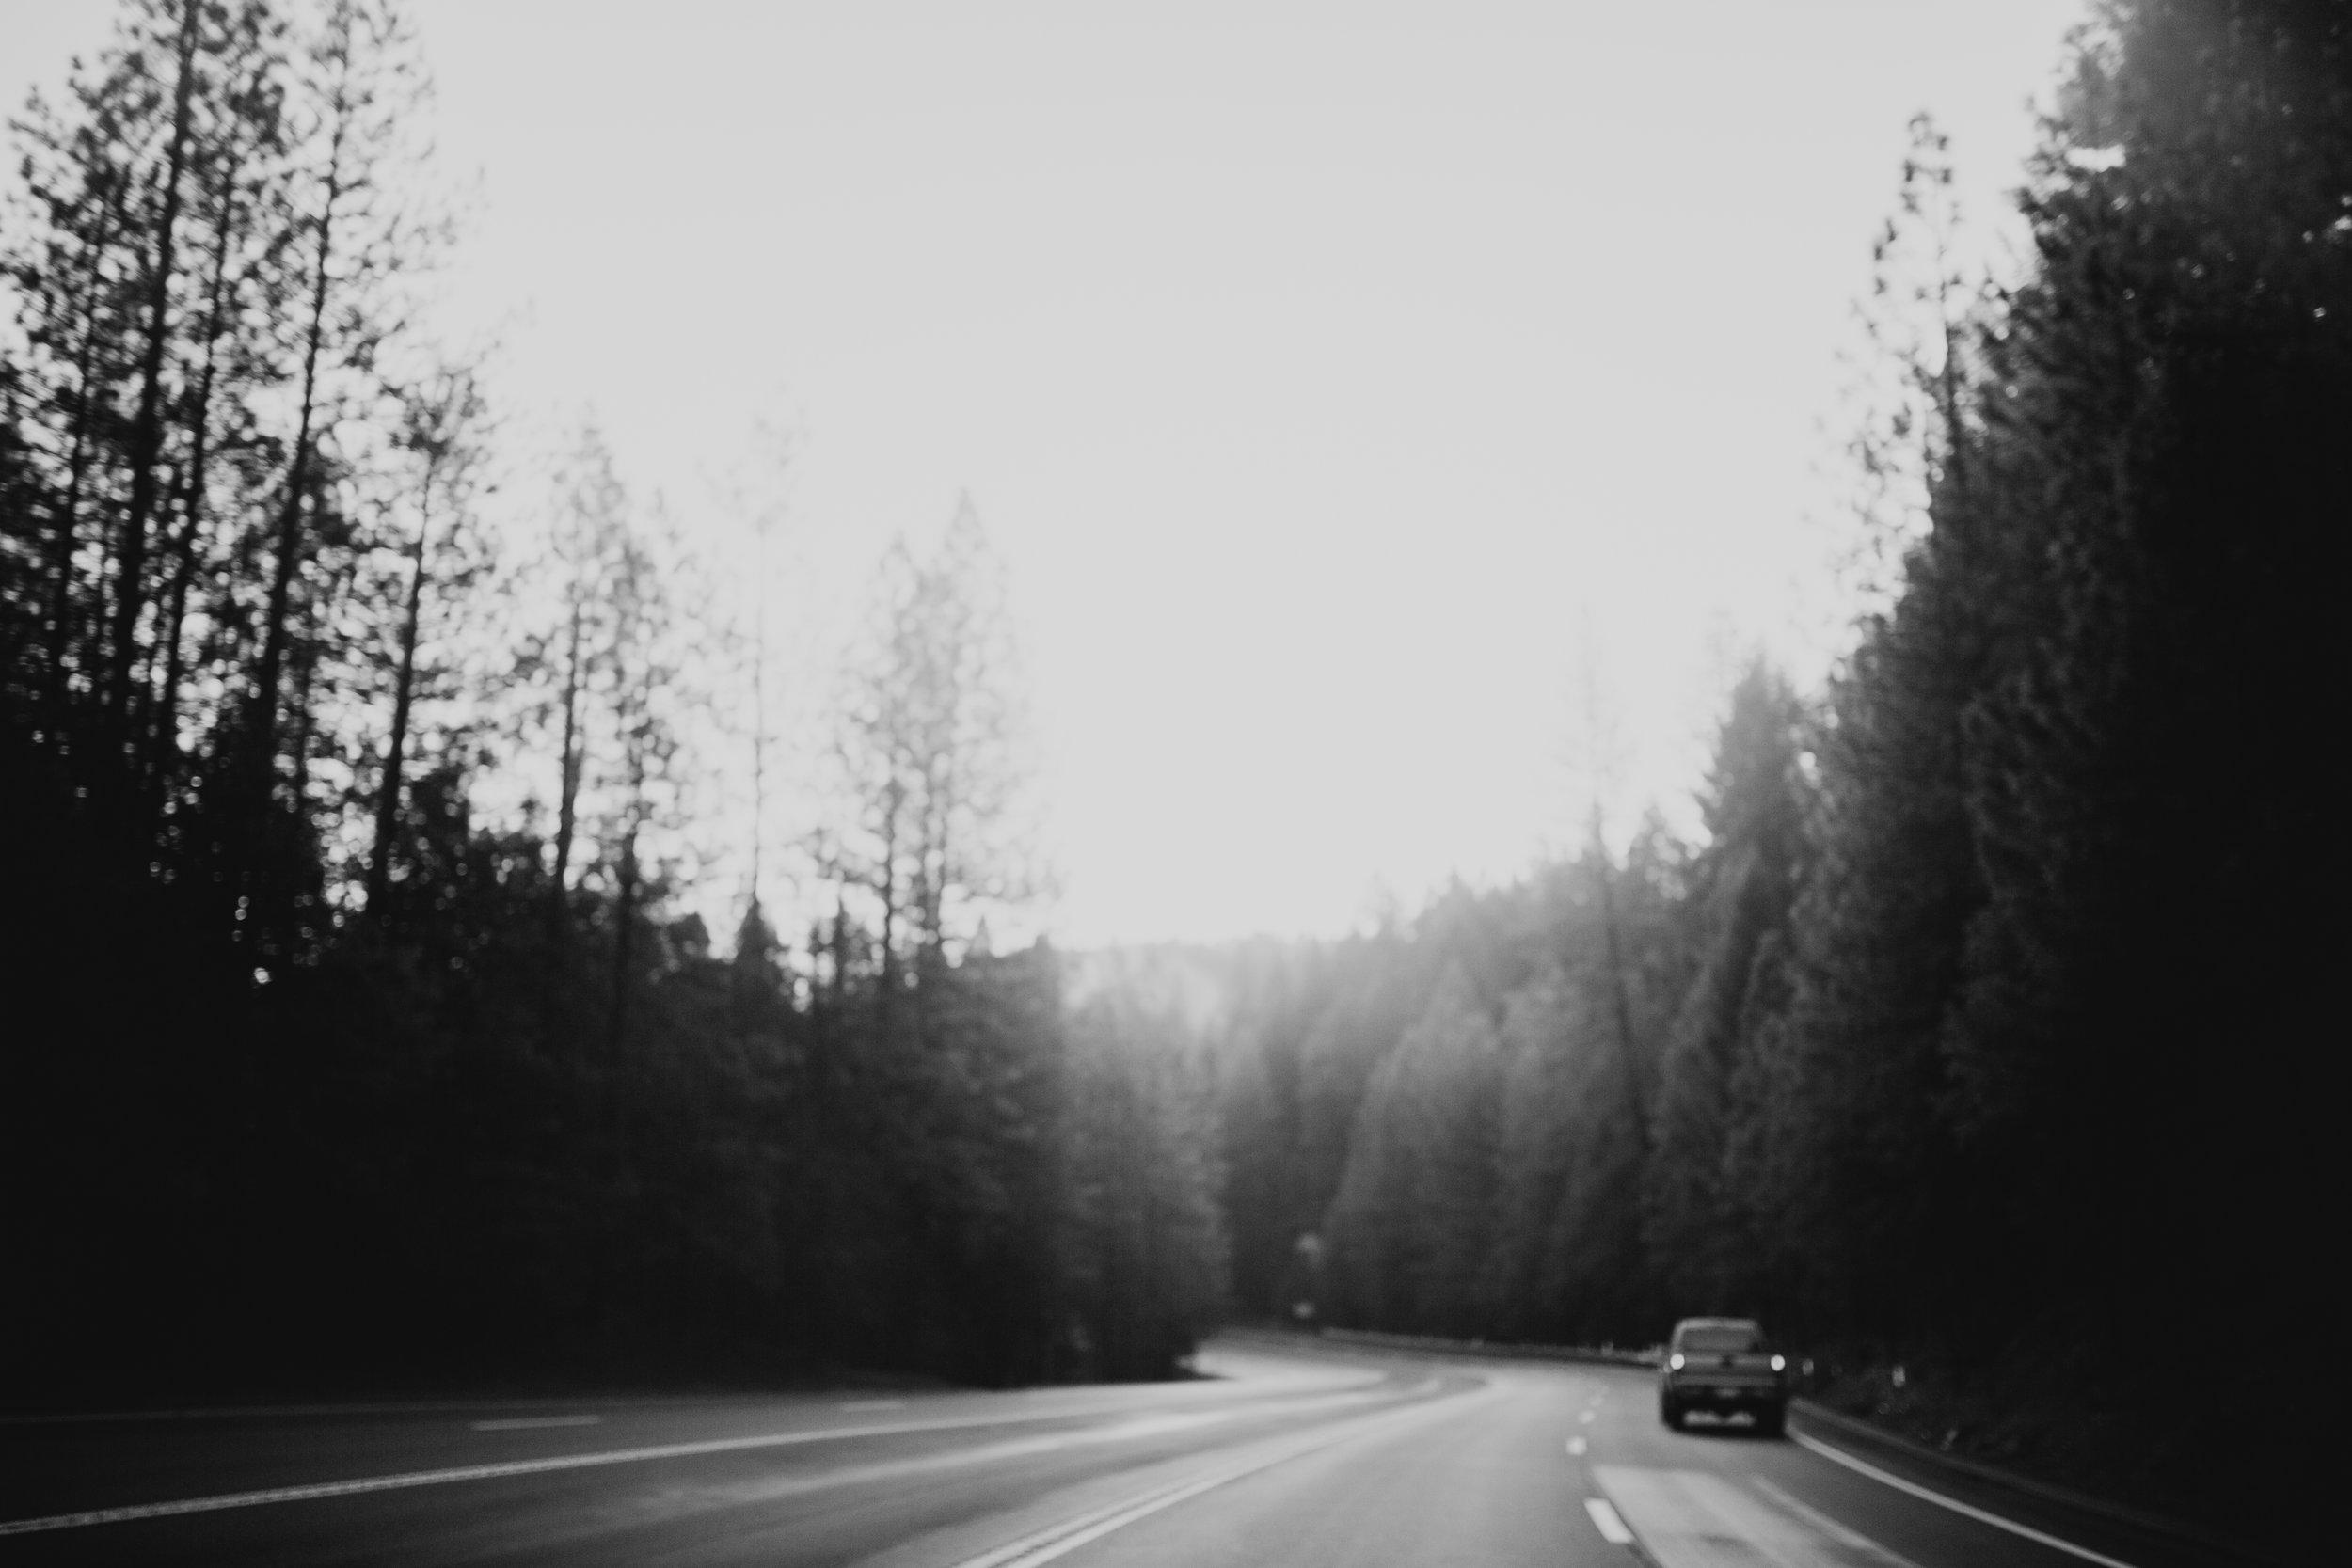 tahoe_trip_2019-4.jpg